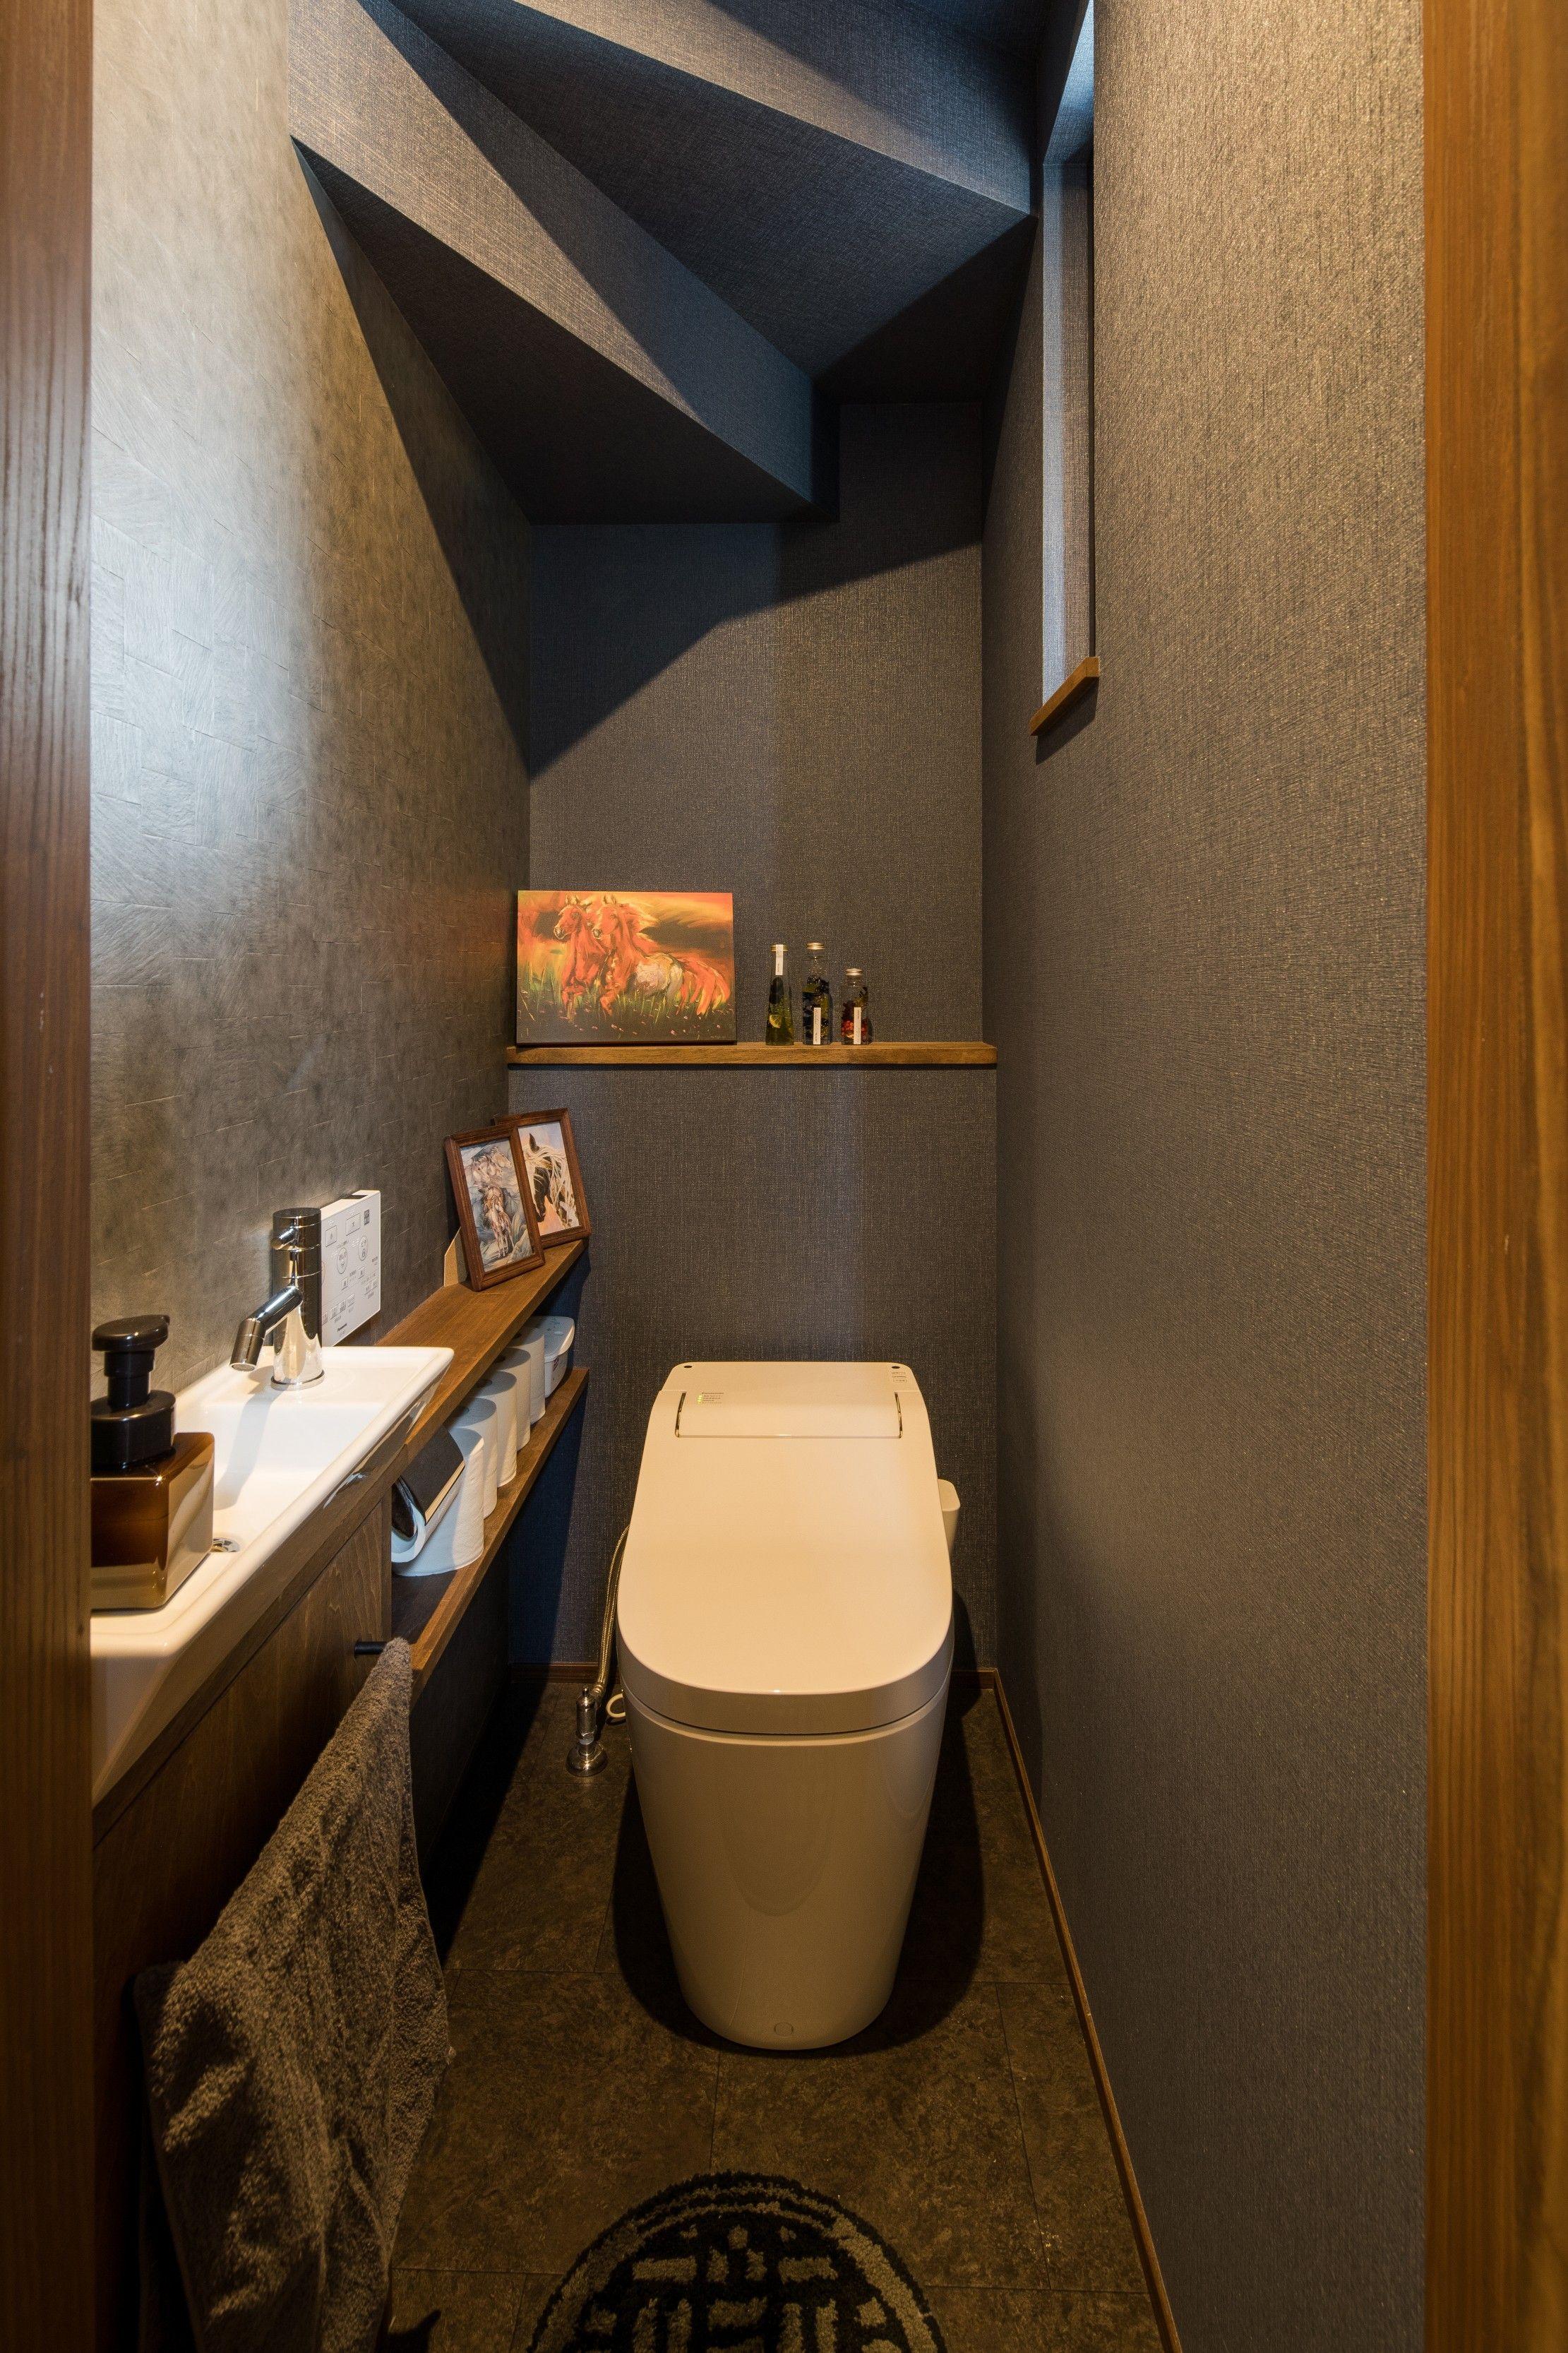 独立した空間としてレイアウトされたトイレ ルポハウス 設計事務所